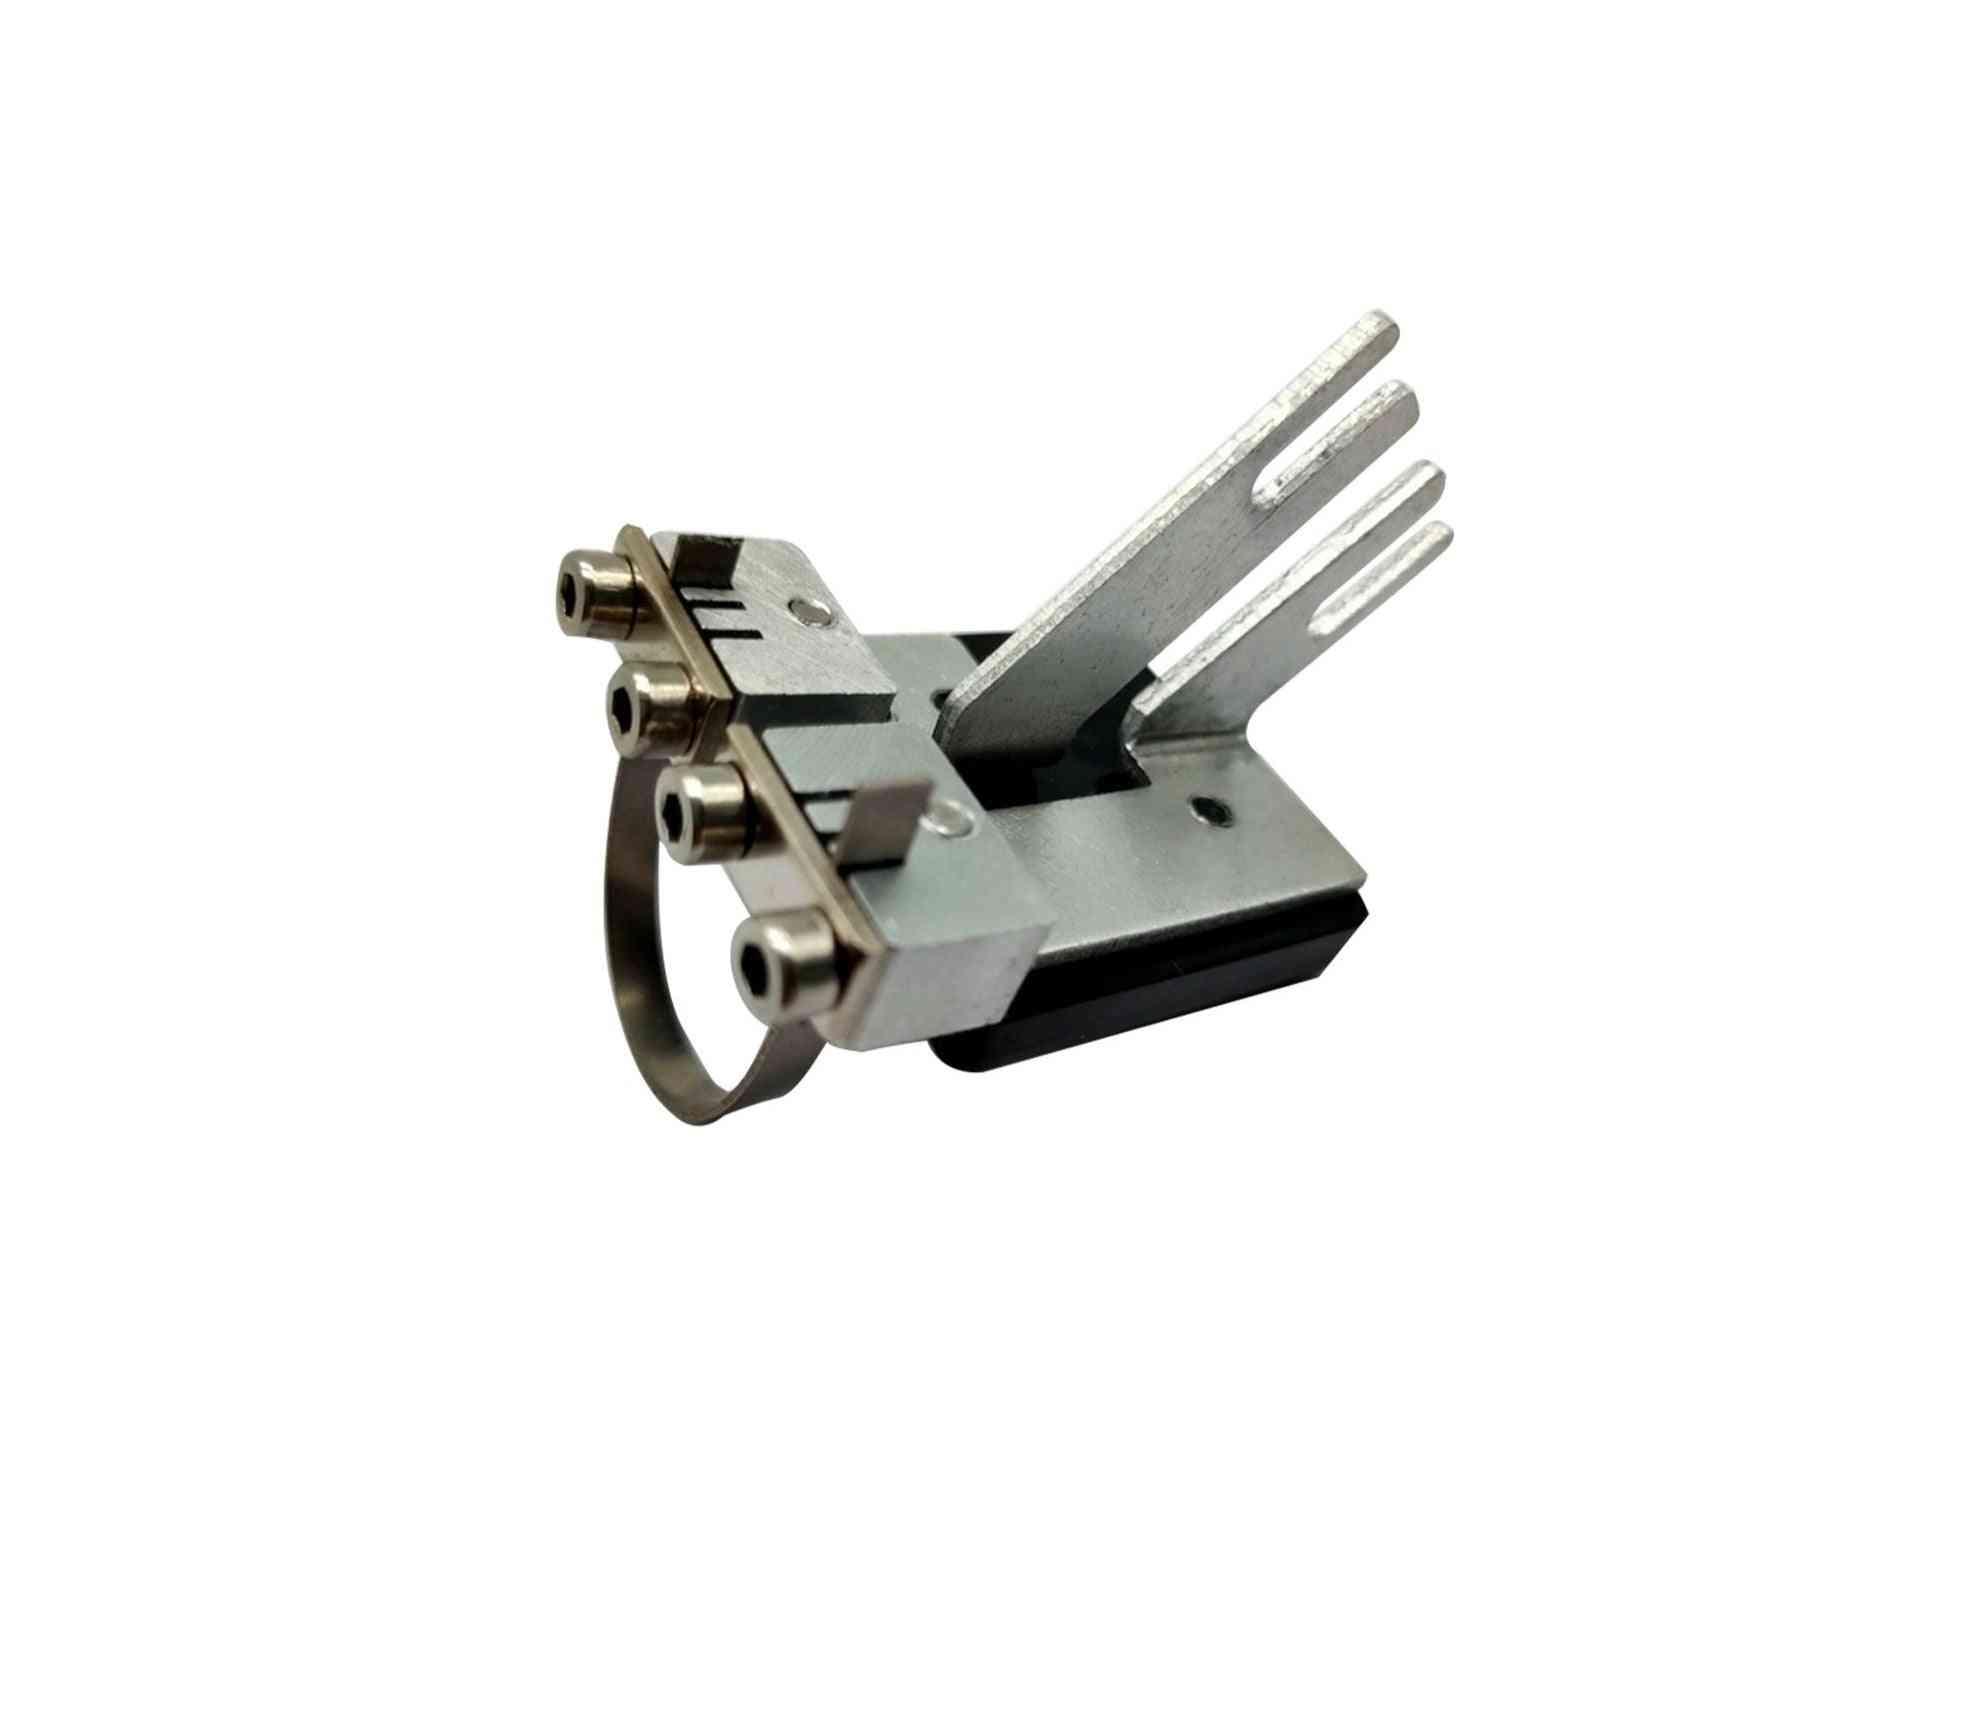 Electric Foam Cutting Knife Accessories For Hot Cutter